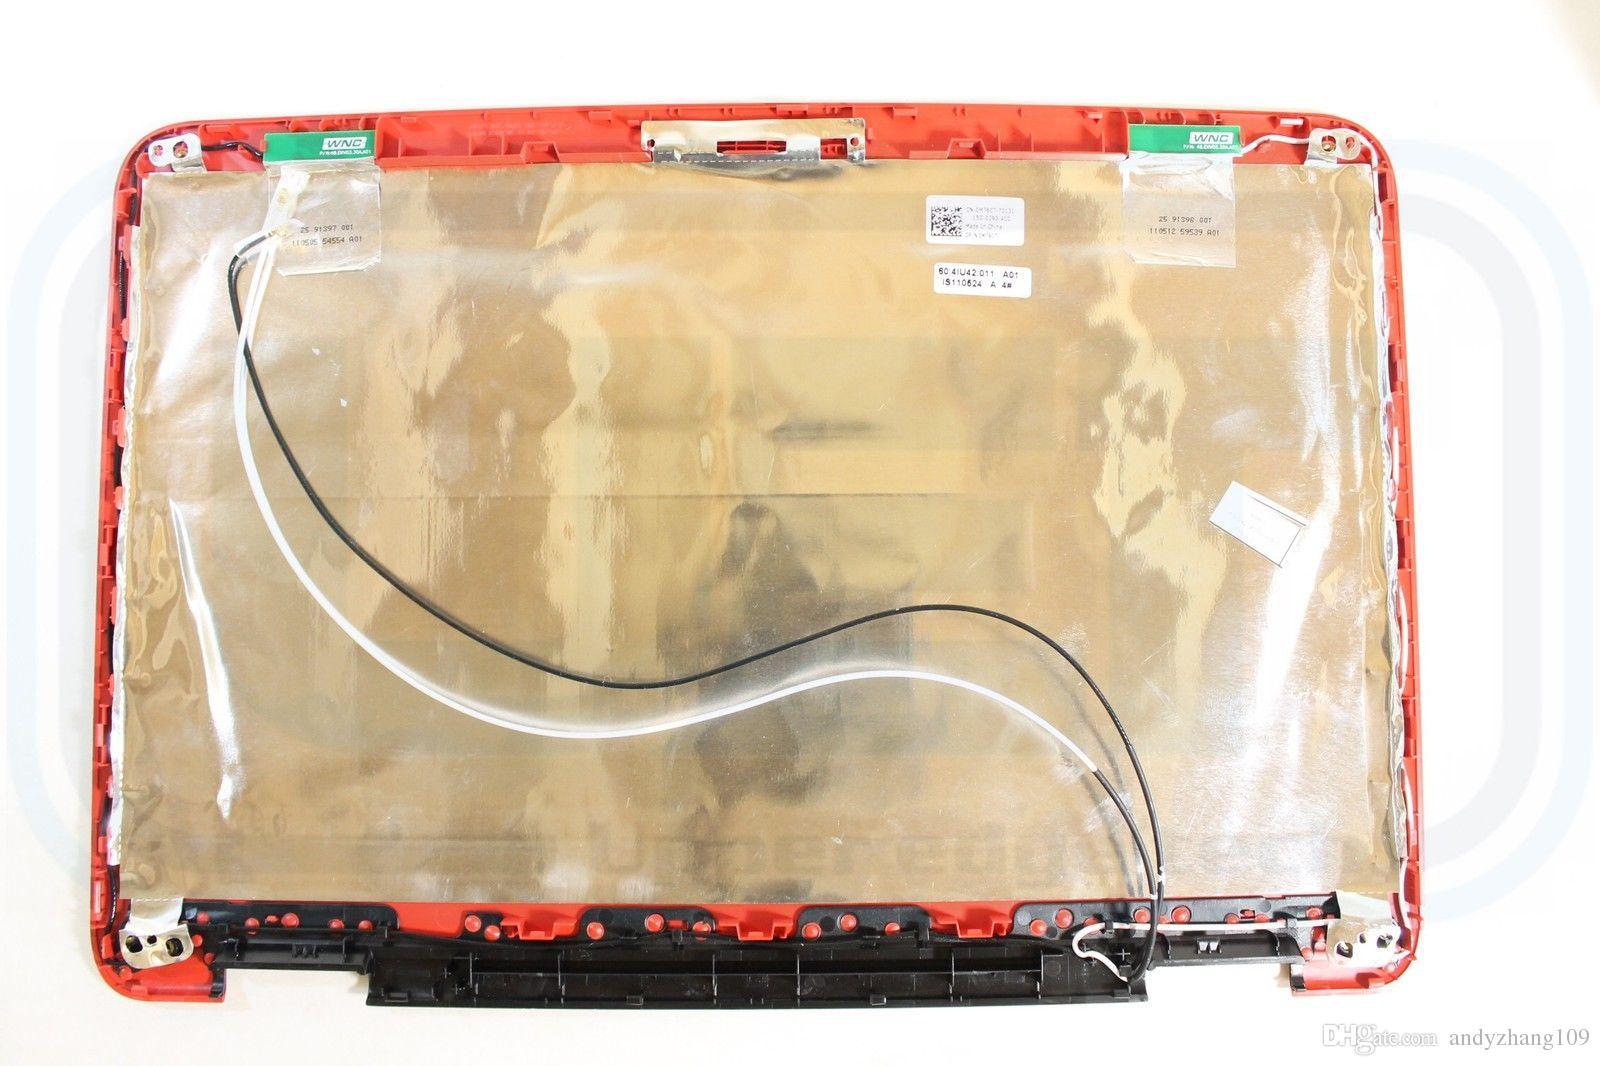 DELL INSPIRON M4040 LCD N4050 COPERCHIO POSTERIORE COPERCHIO COPERCHIO POSTERIORE ROSSO M76C7 0M76C7